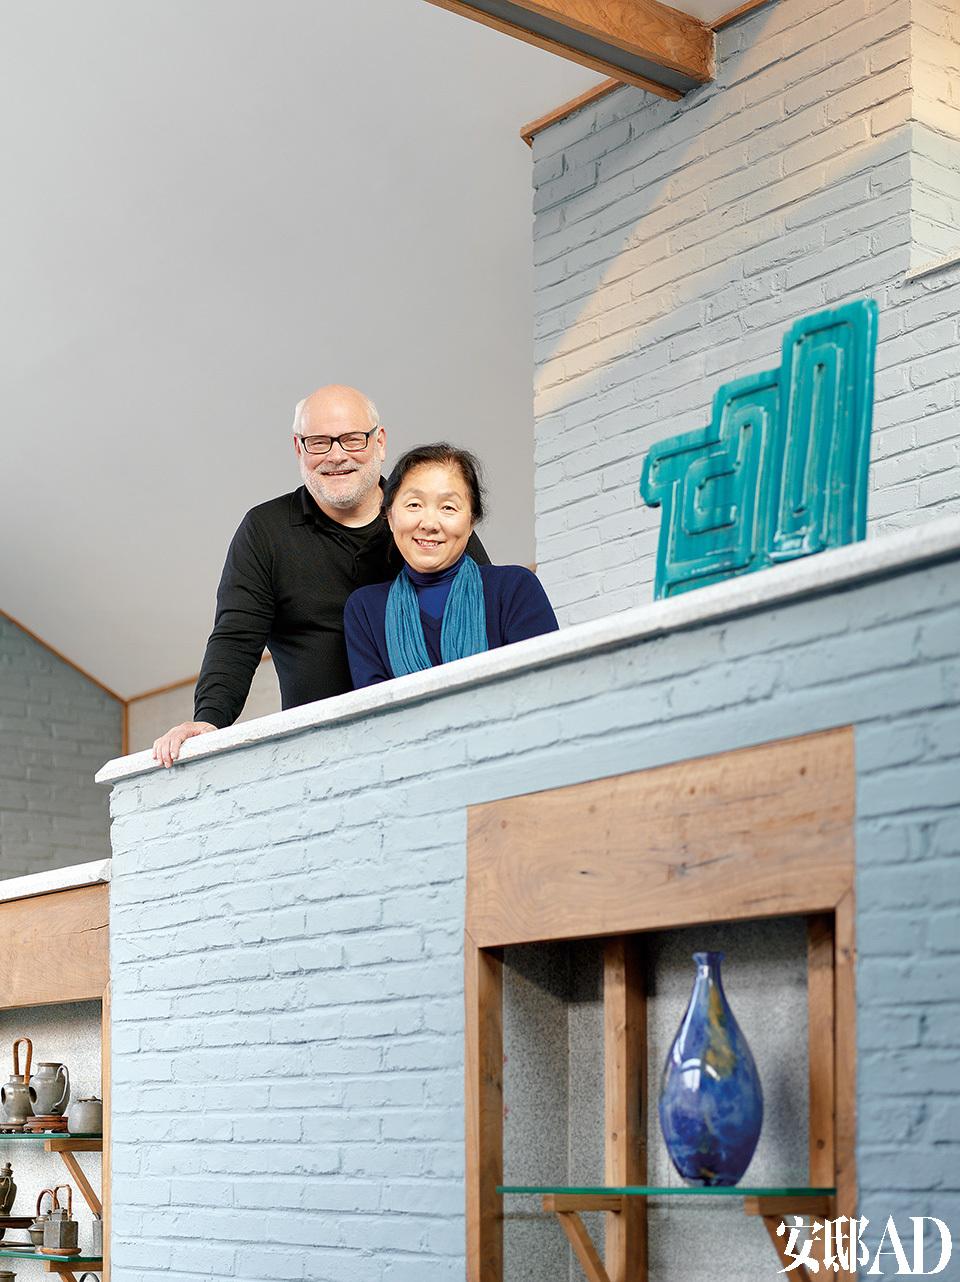 萨洋新增建的起居室,还辟出了一个小隔层,夫妇俩站在上面,可以俯视整个起居室,还能看到后院的景致。